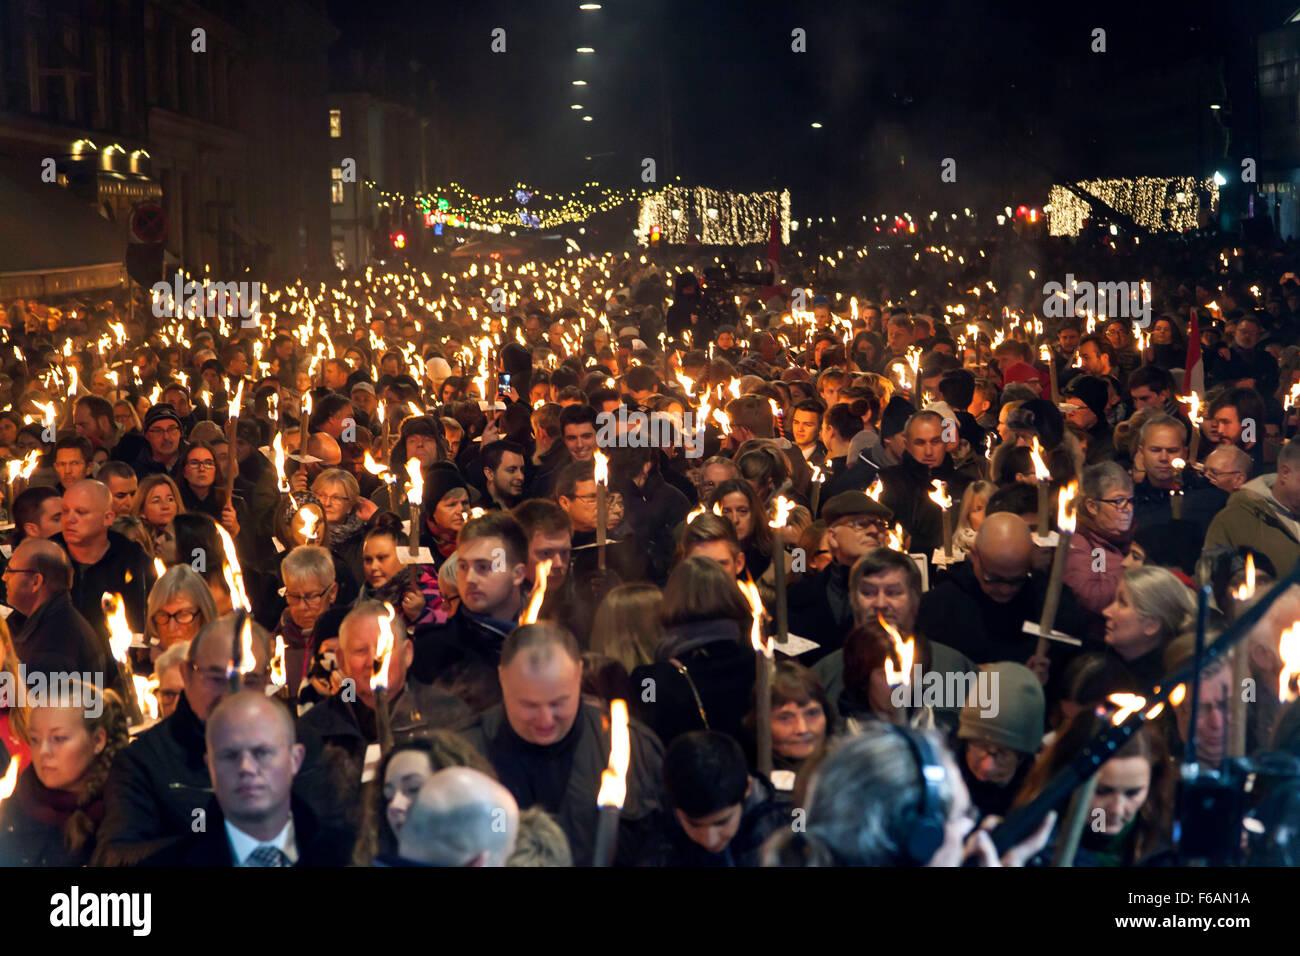 Copenhague, Danemark. 15 novembre, 2015. Quelques 15.000 personnes participe à la manifestation de sympathie Photo Stock